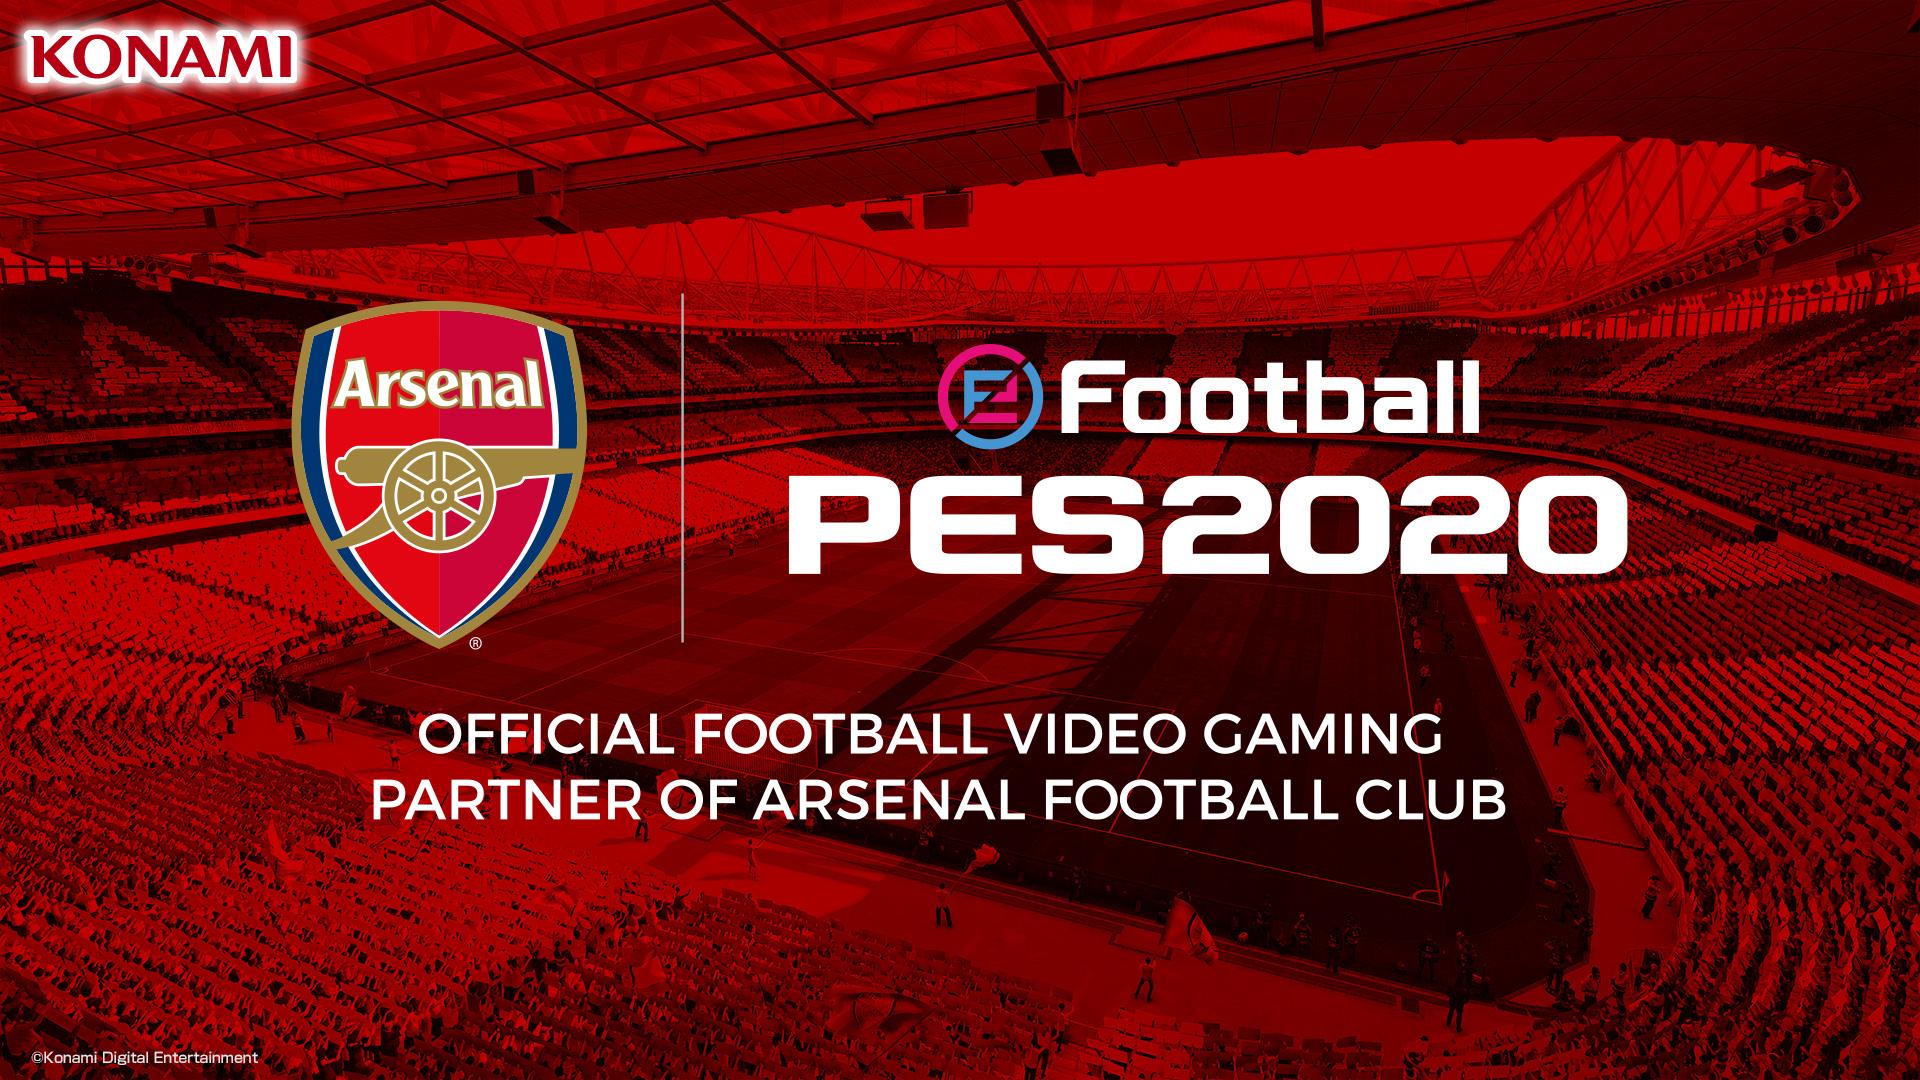 eFootball PES 2020: Konami e Arsenal FC estendono la collaborazione thumbnail